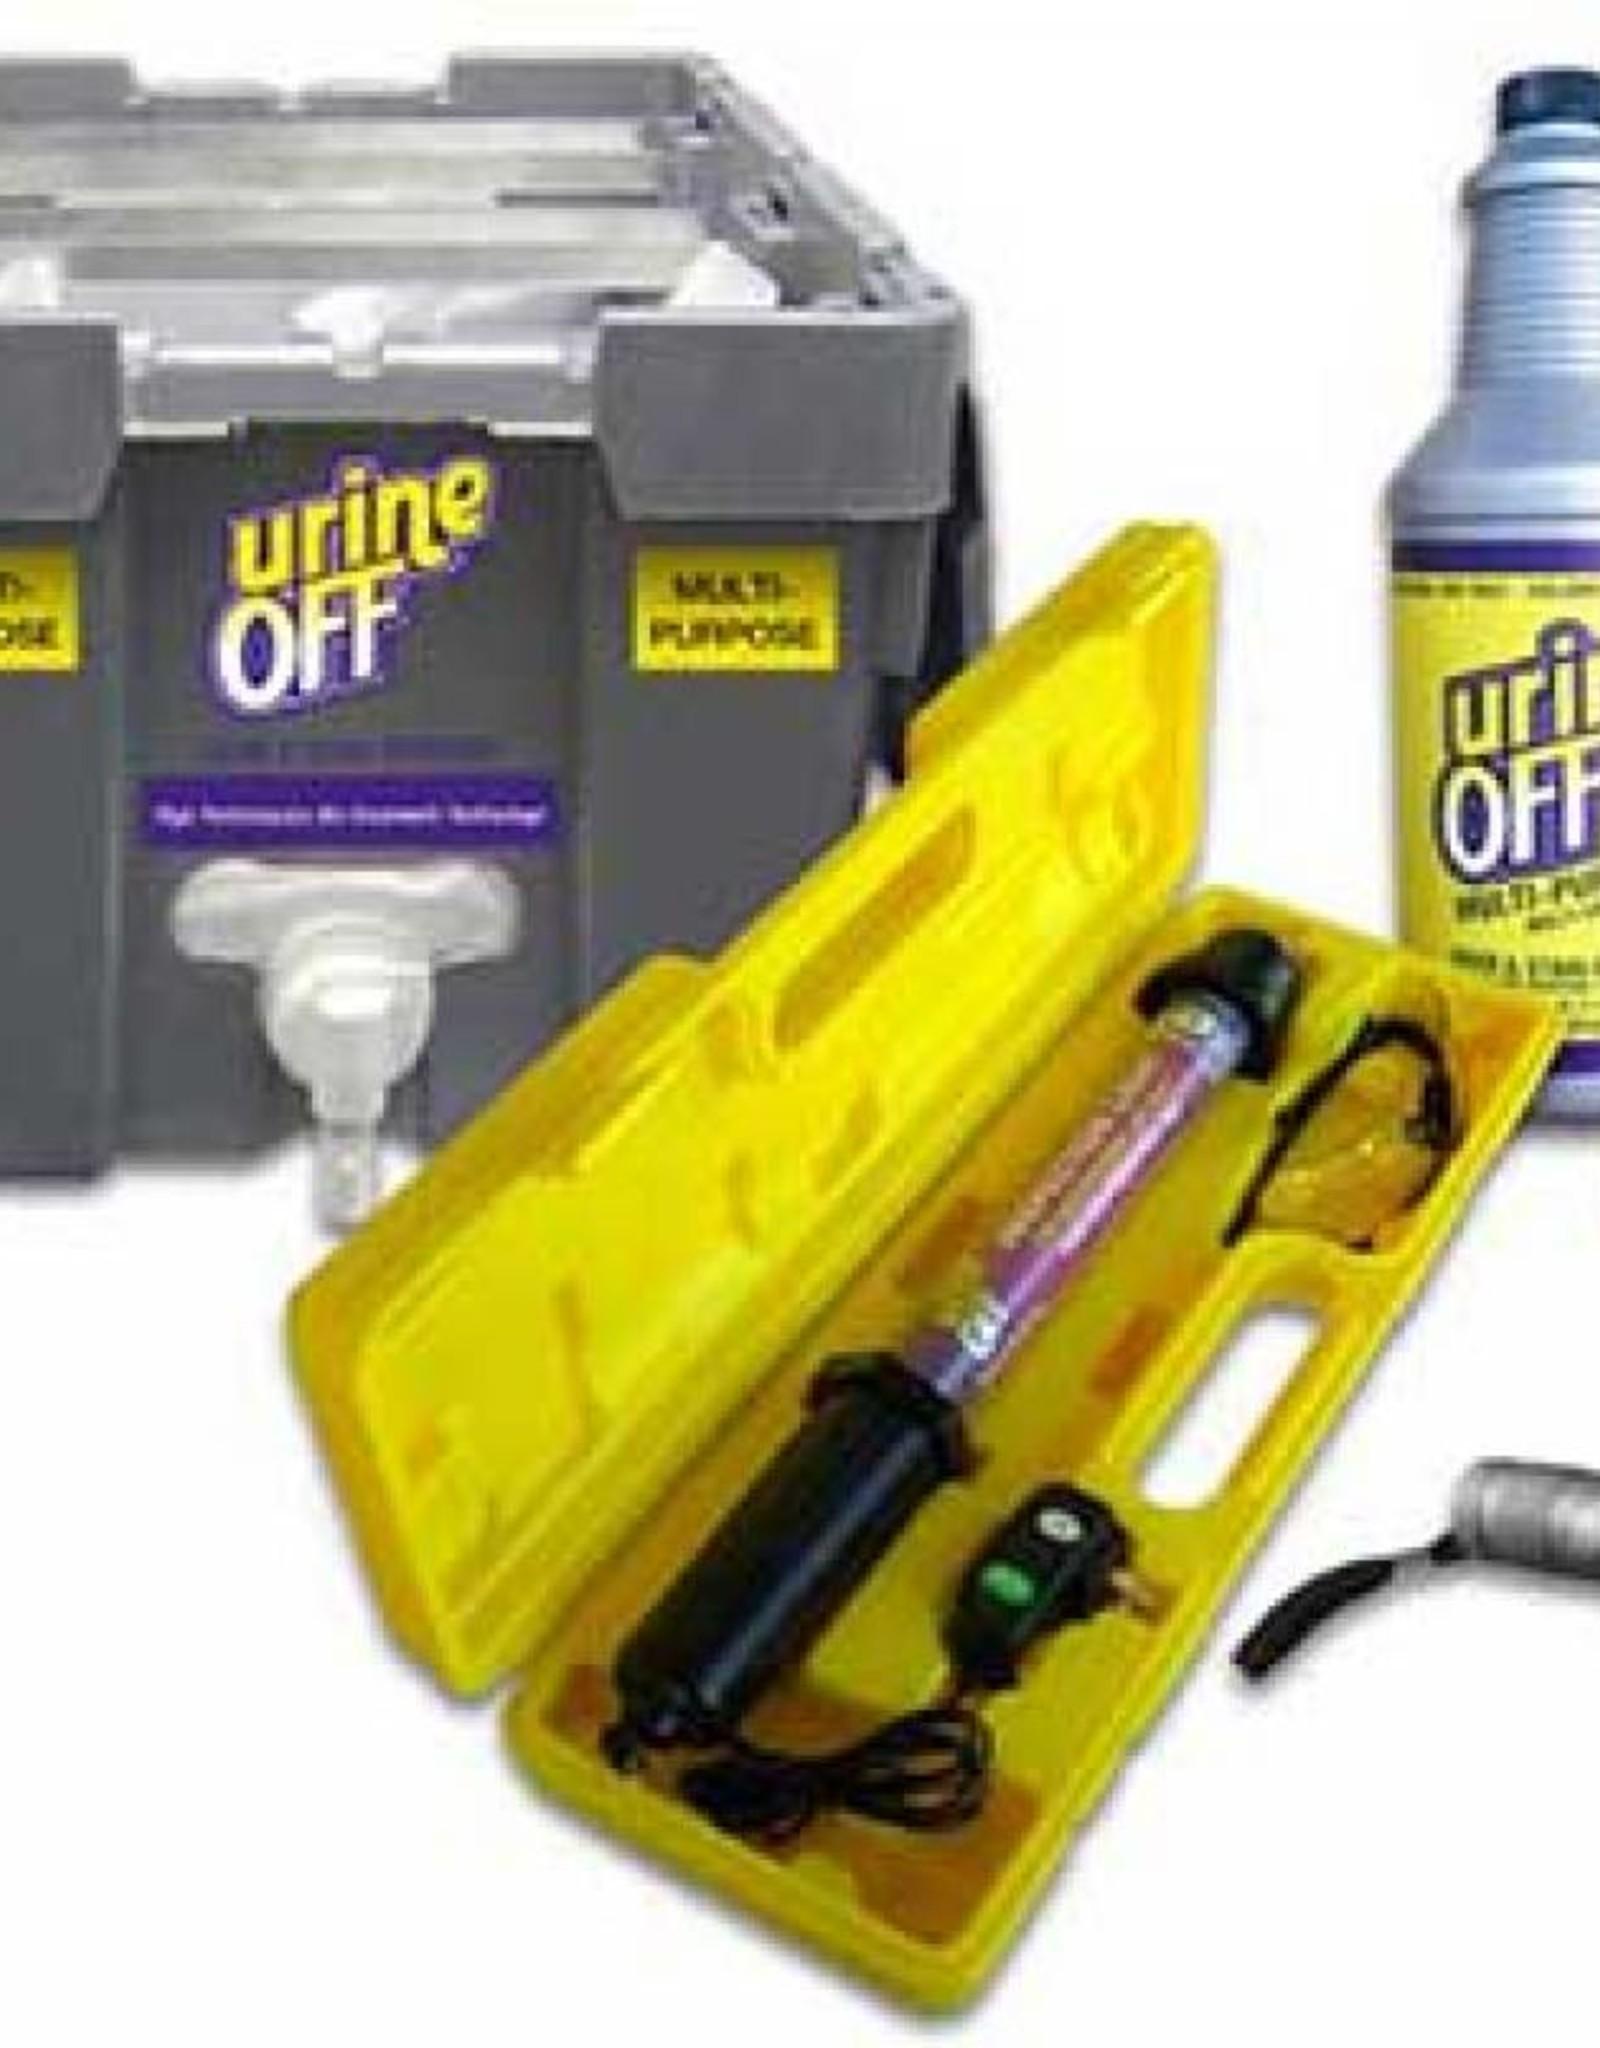 Urine Off - Badkamer reiniger - UrineOff Can 3,8 Liter